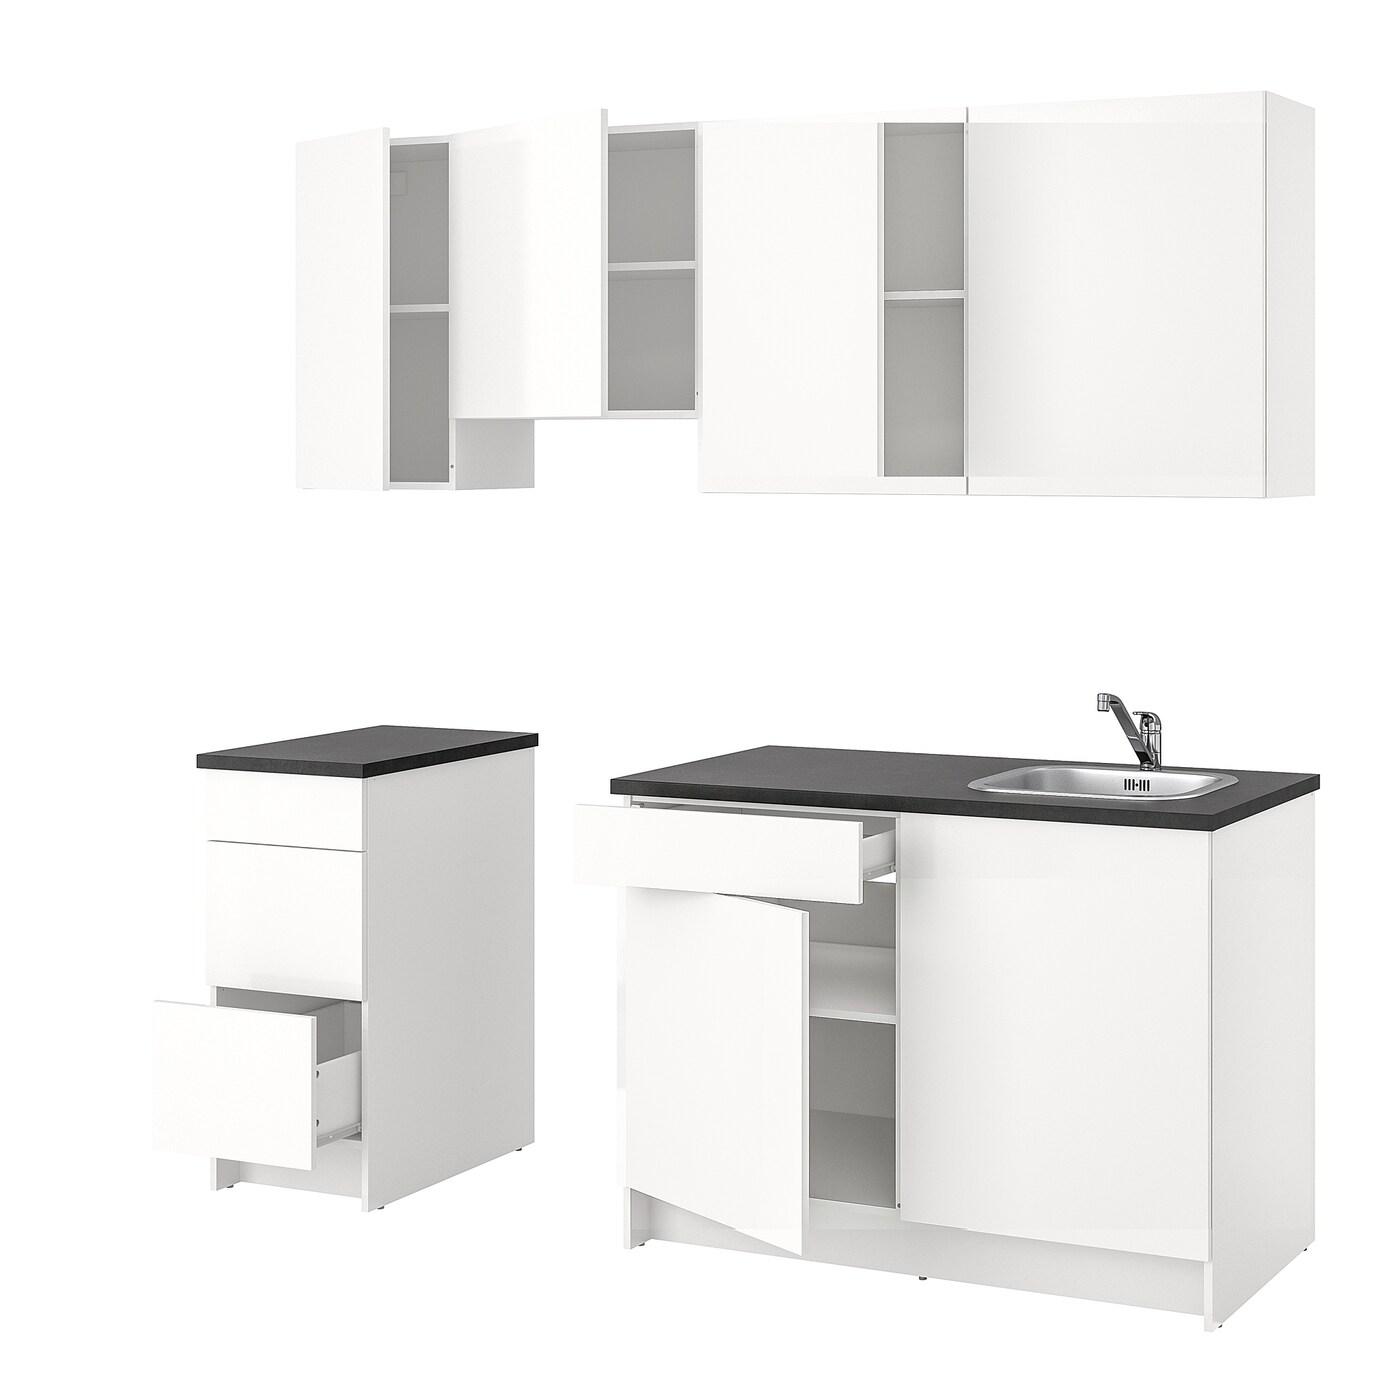 KNOXHULT Küche - Hochglanz, weiß - IKEA Deutschland